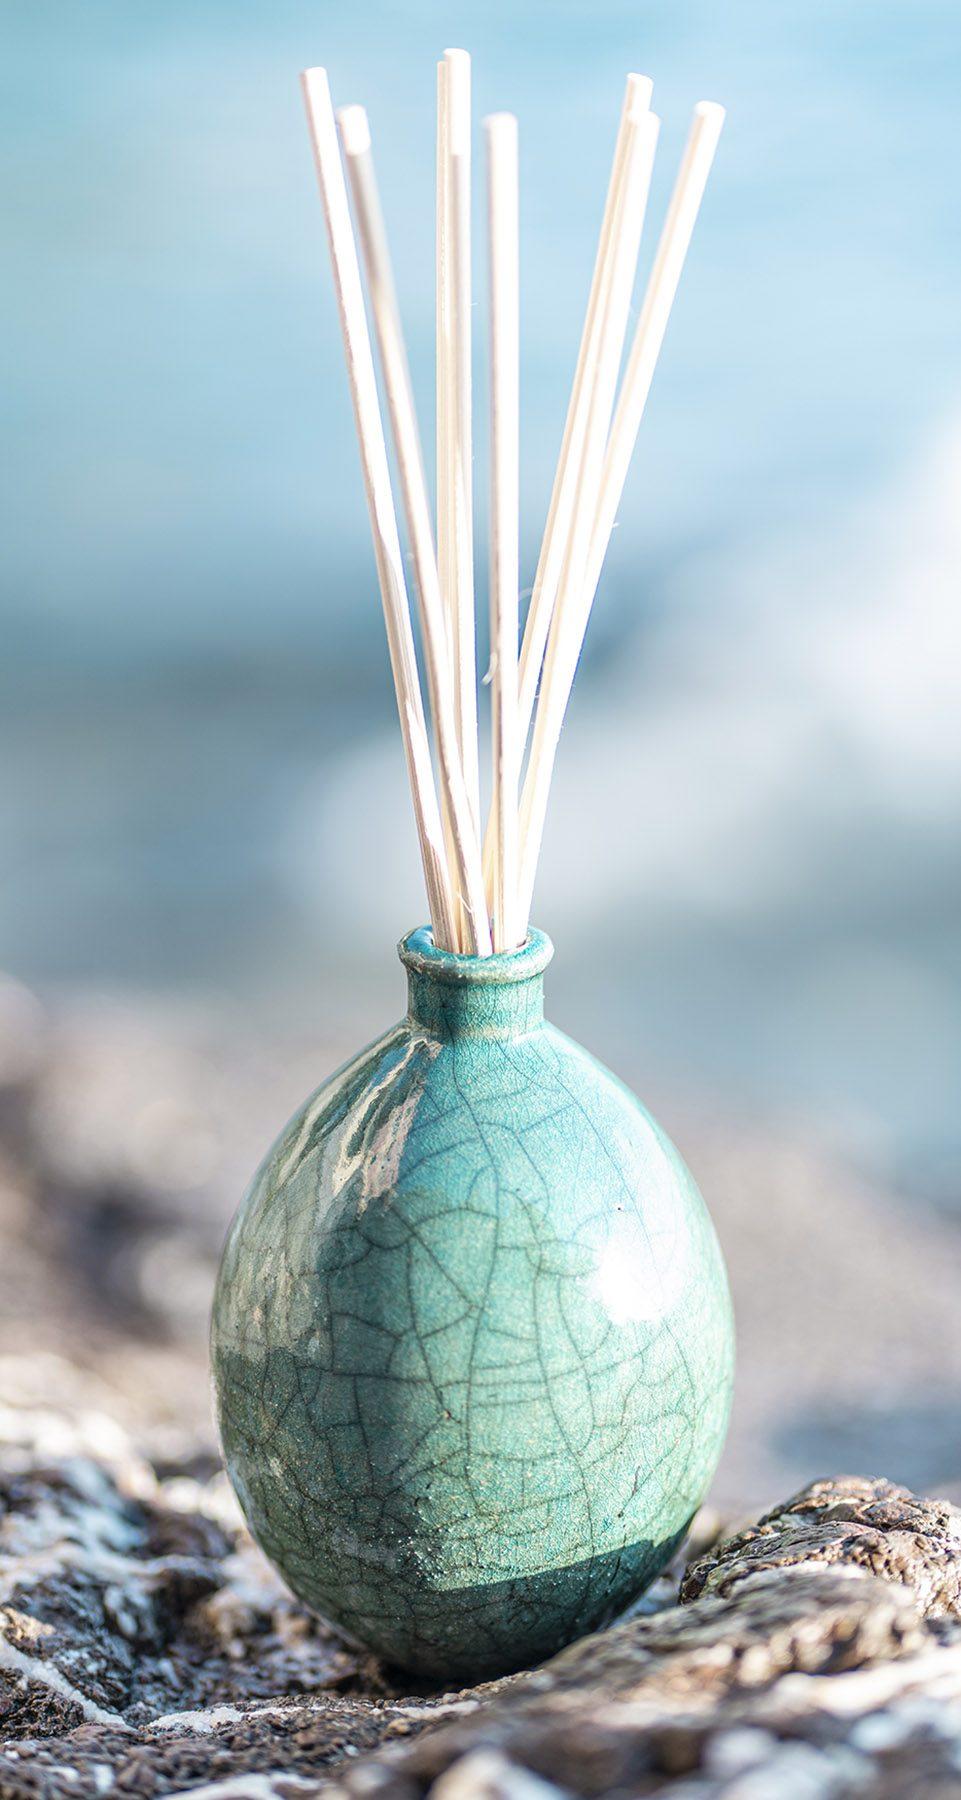 vaso-verde-acqua-raku-collection